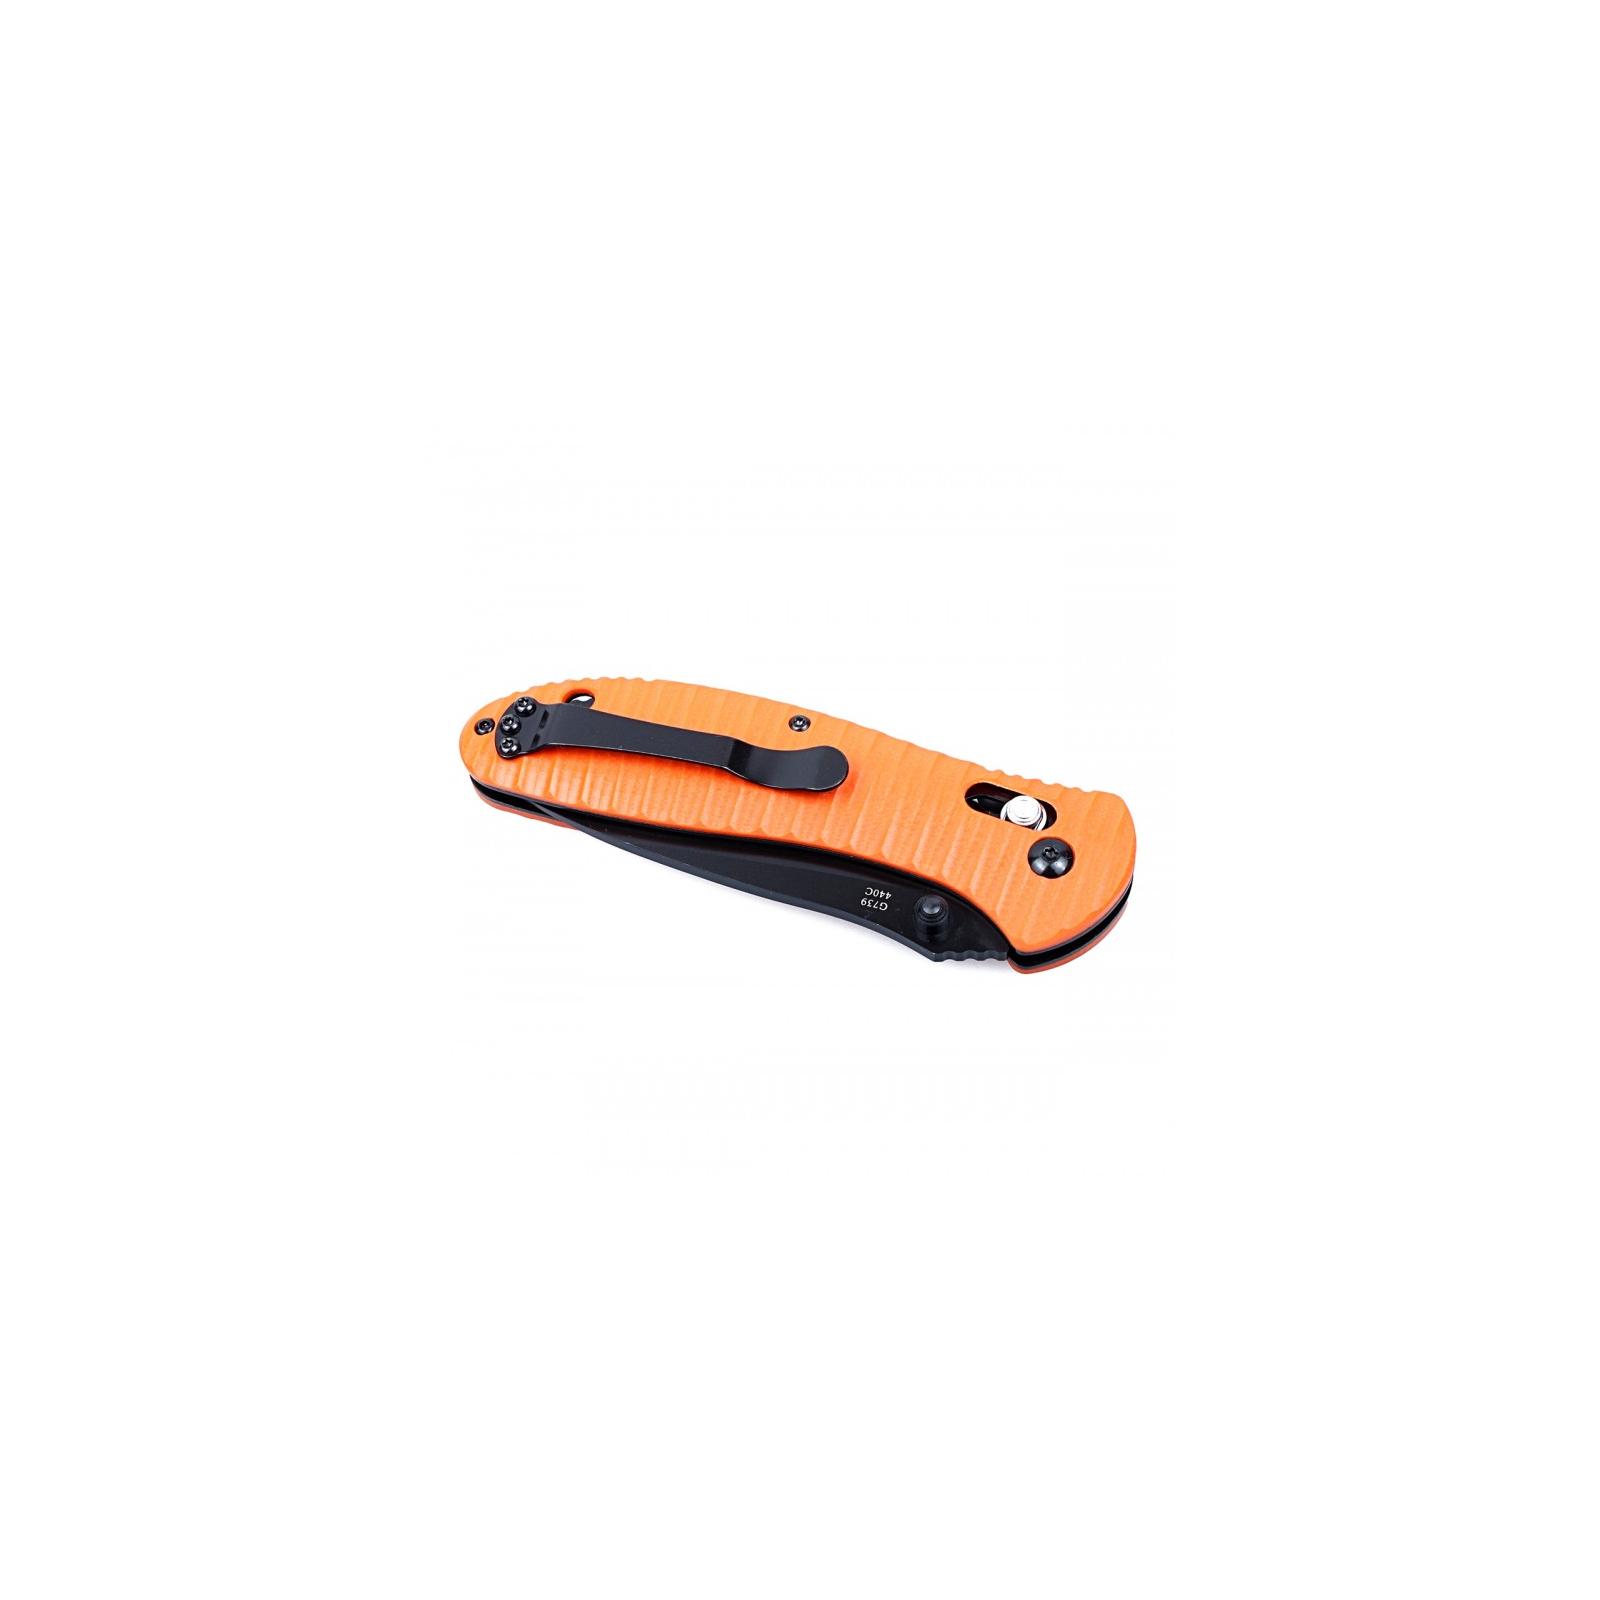 Нож Ganzo G7392P оранжевый (G7392P-OR) изображение 4